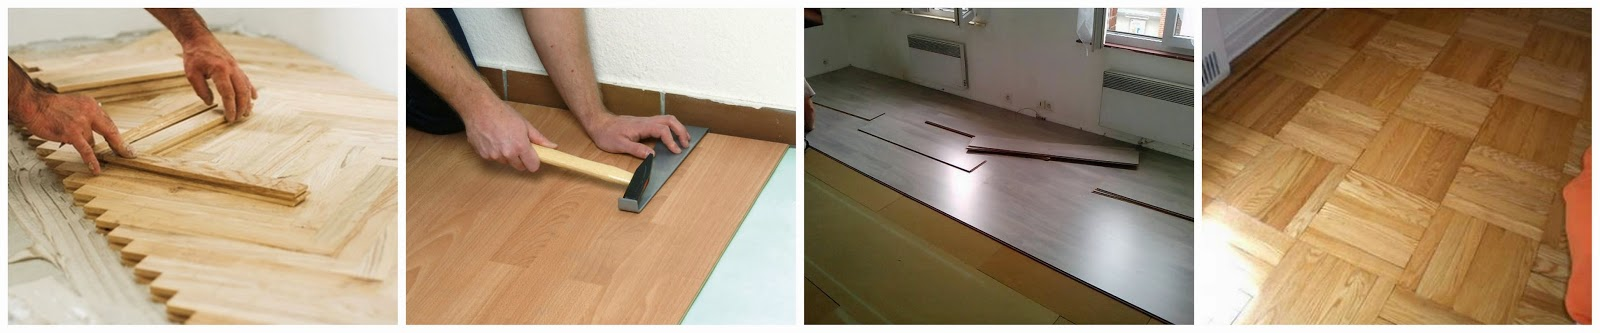 quel bois pour son plancher artisan vitrificateur. Black Bedroom Furniture Sets. Home Design Ideas